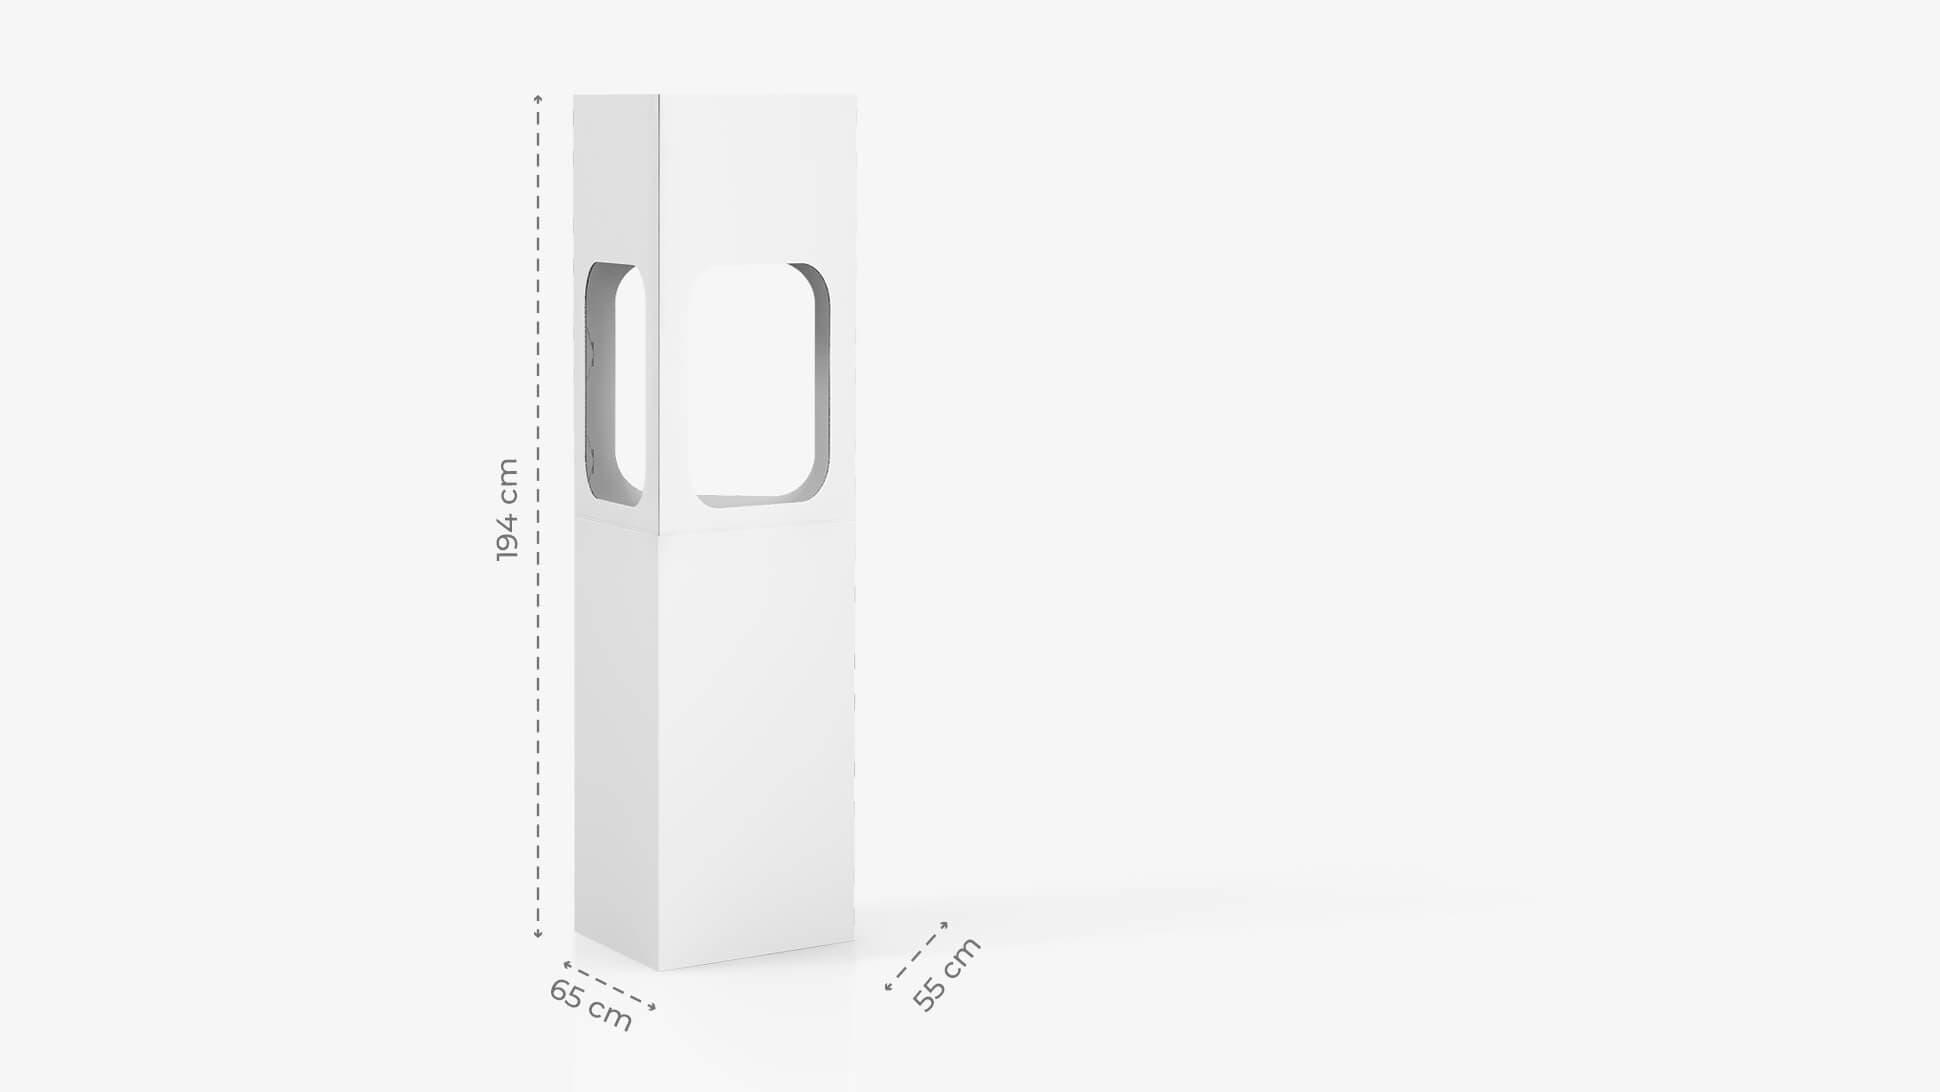 Contenitore espositivo h194 cm con grafica personalizzata | tictac.it